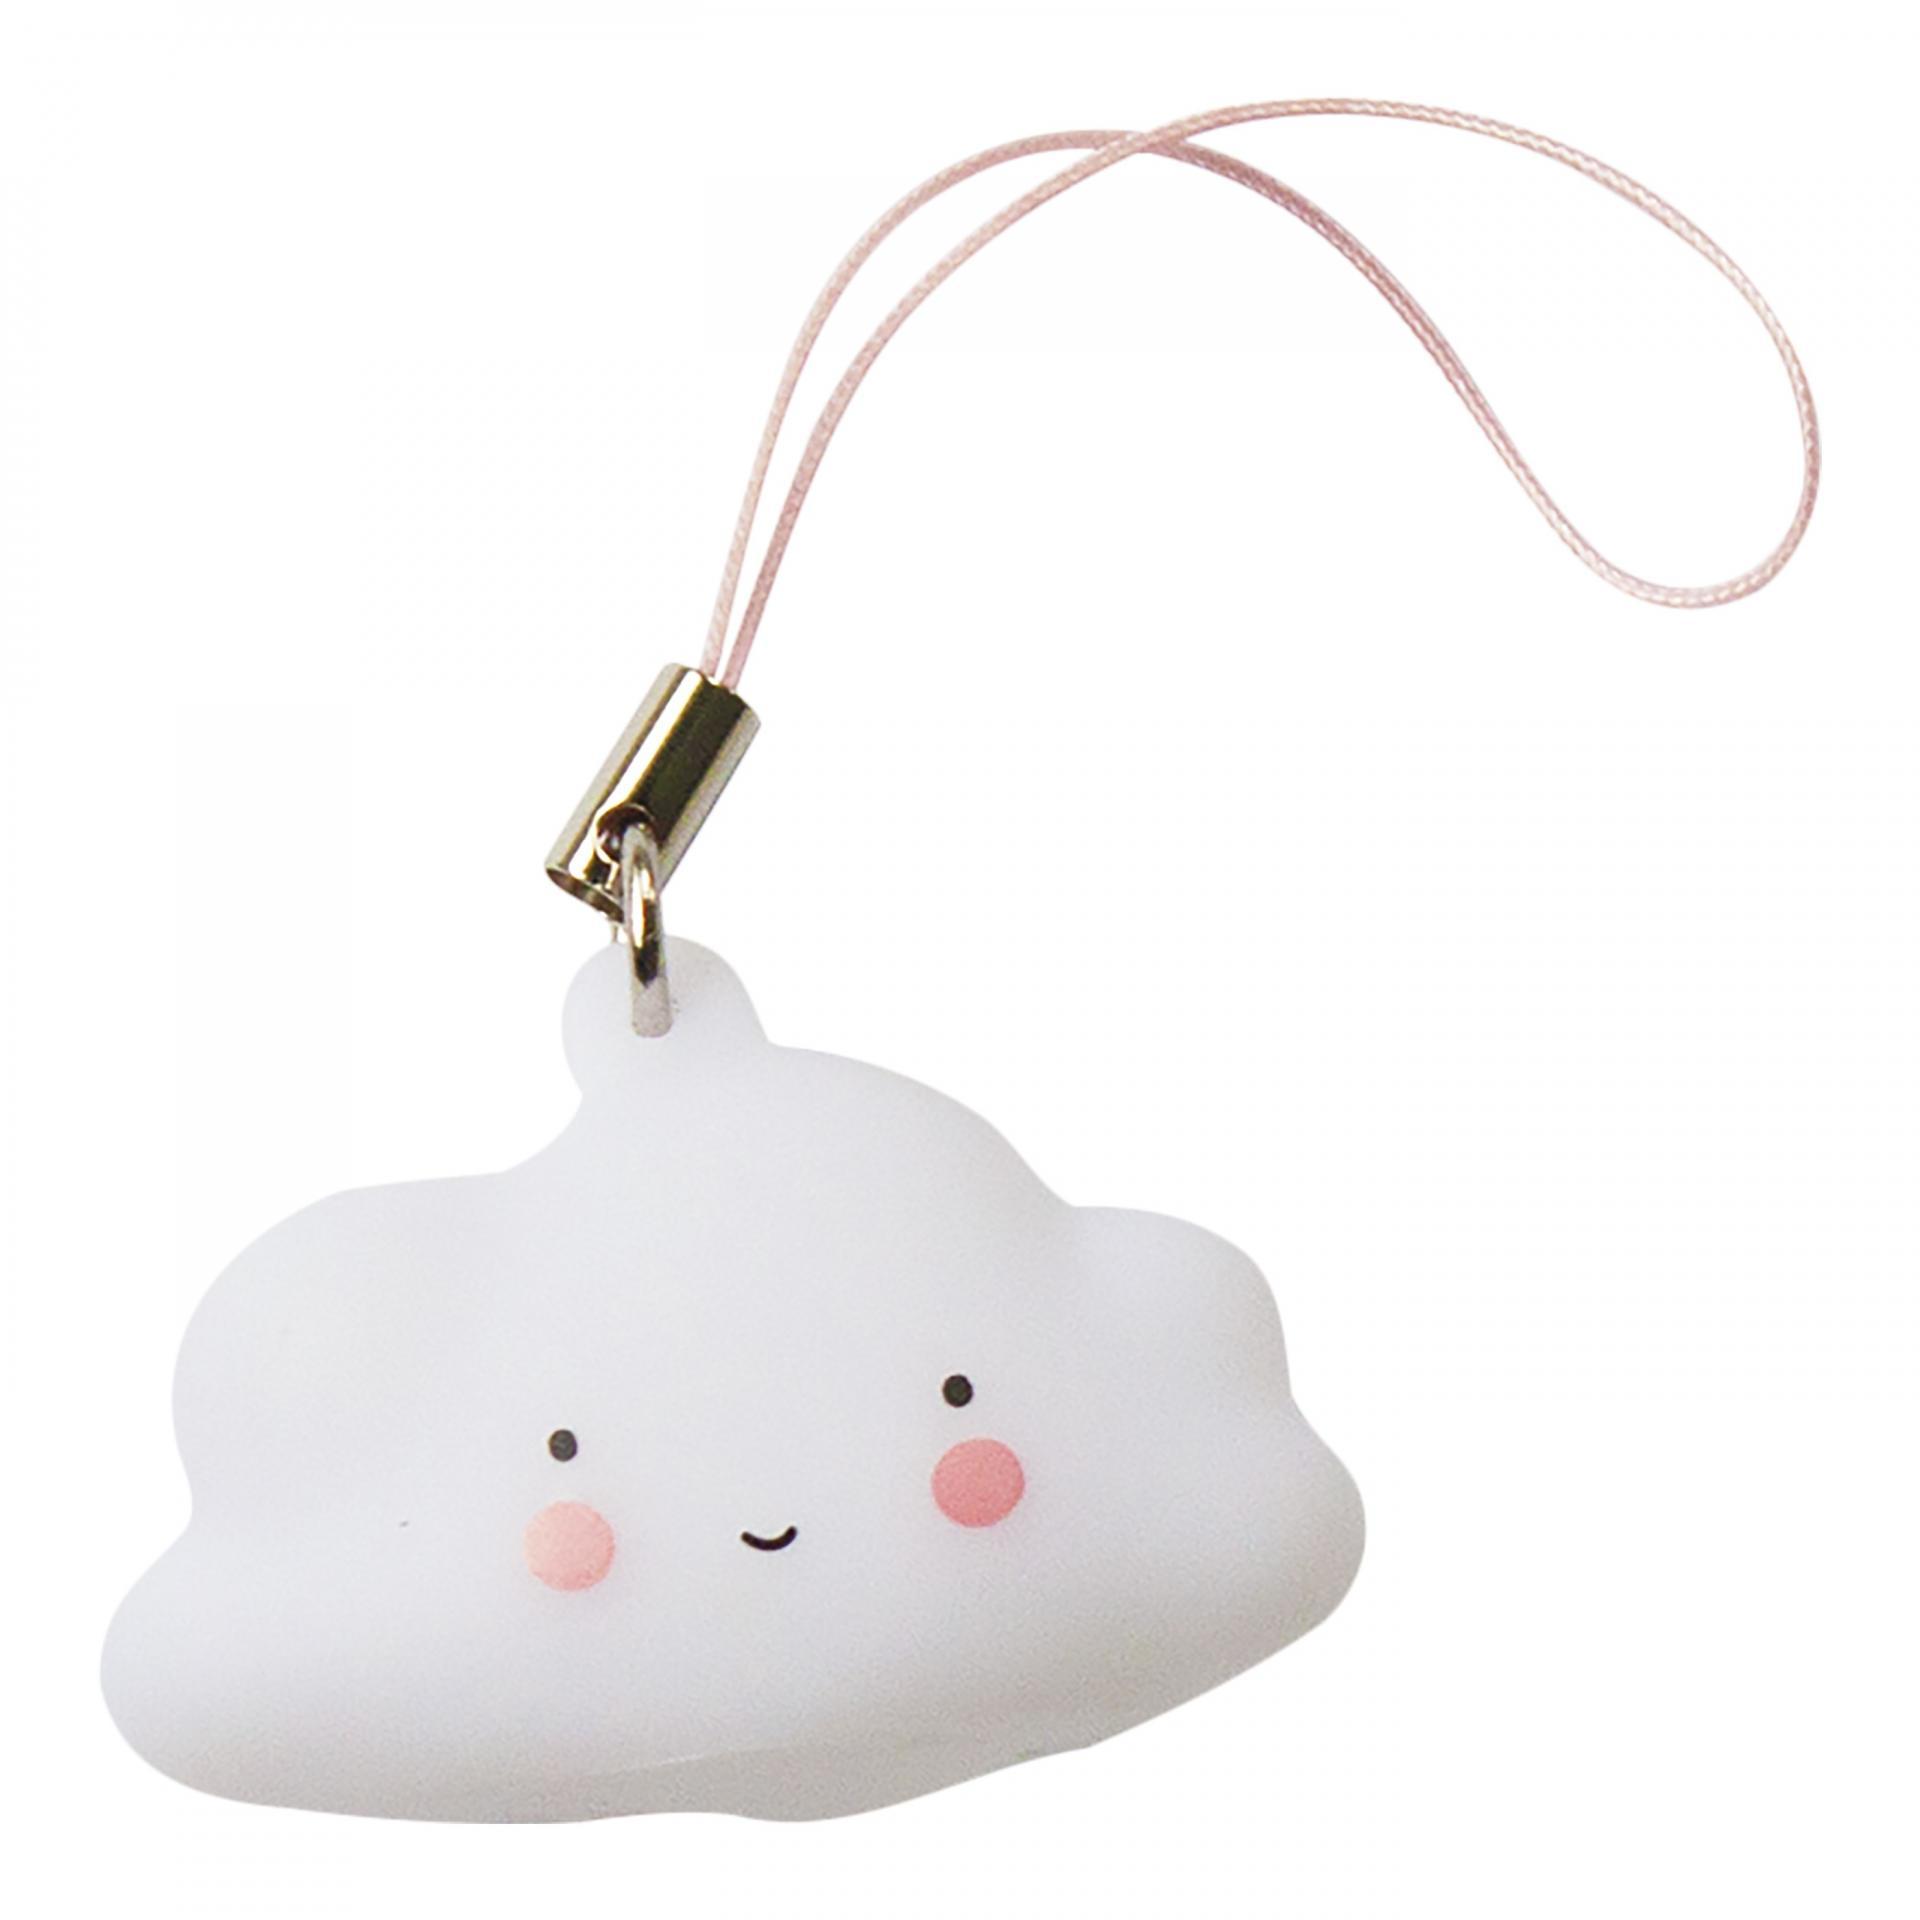 A Little Lovely Company Přívěsek na klíče Cloud, bílá barva, plast